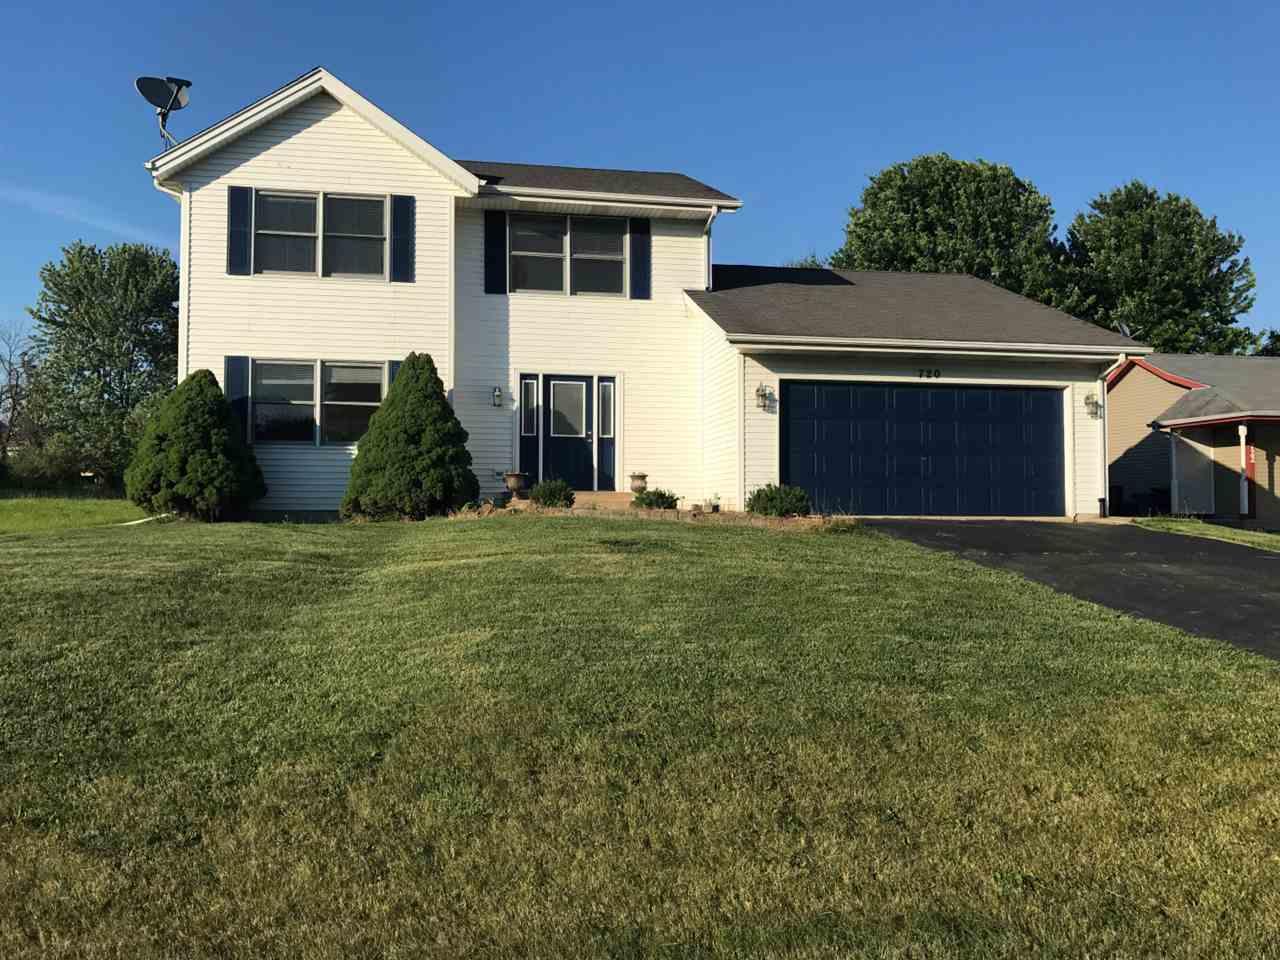 720 SW Marquette Drive, POPLAR GROVE, IL 61065